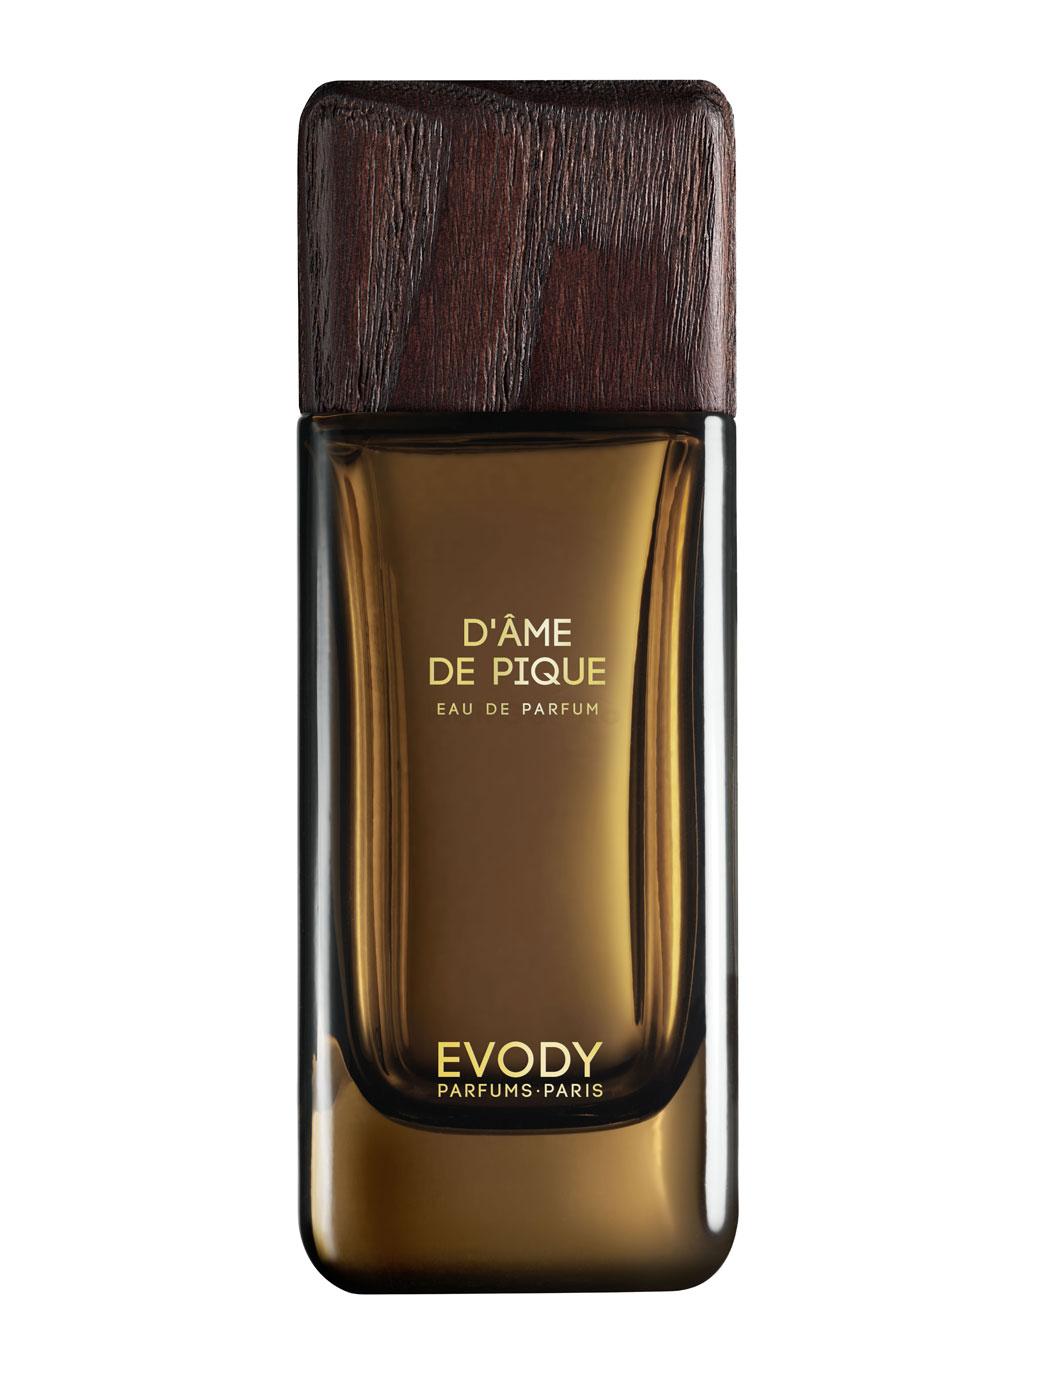 Evody - Collection D'Ailleurs - D'Ame de Pique Eau de Parfum 100ml